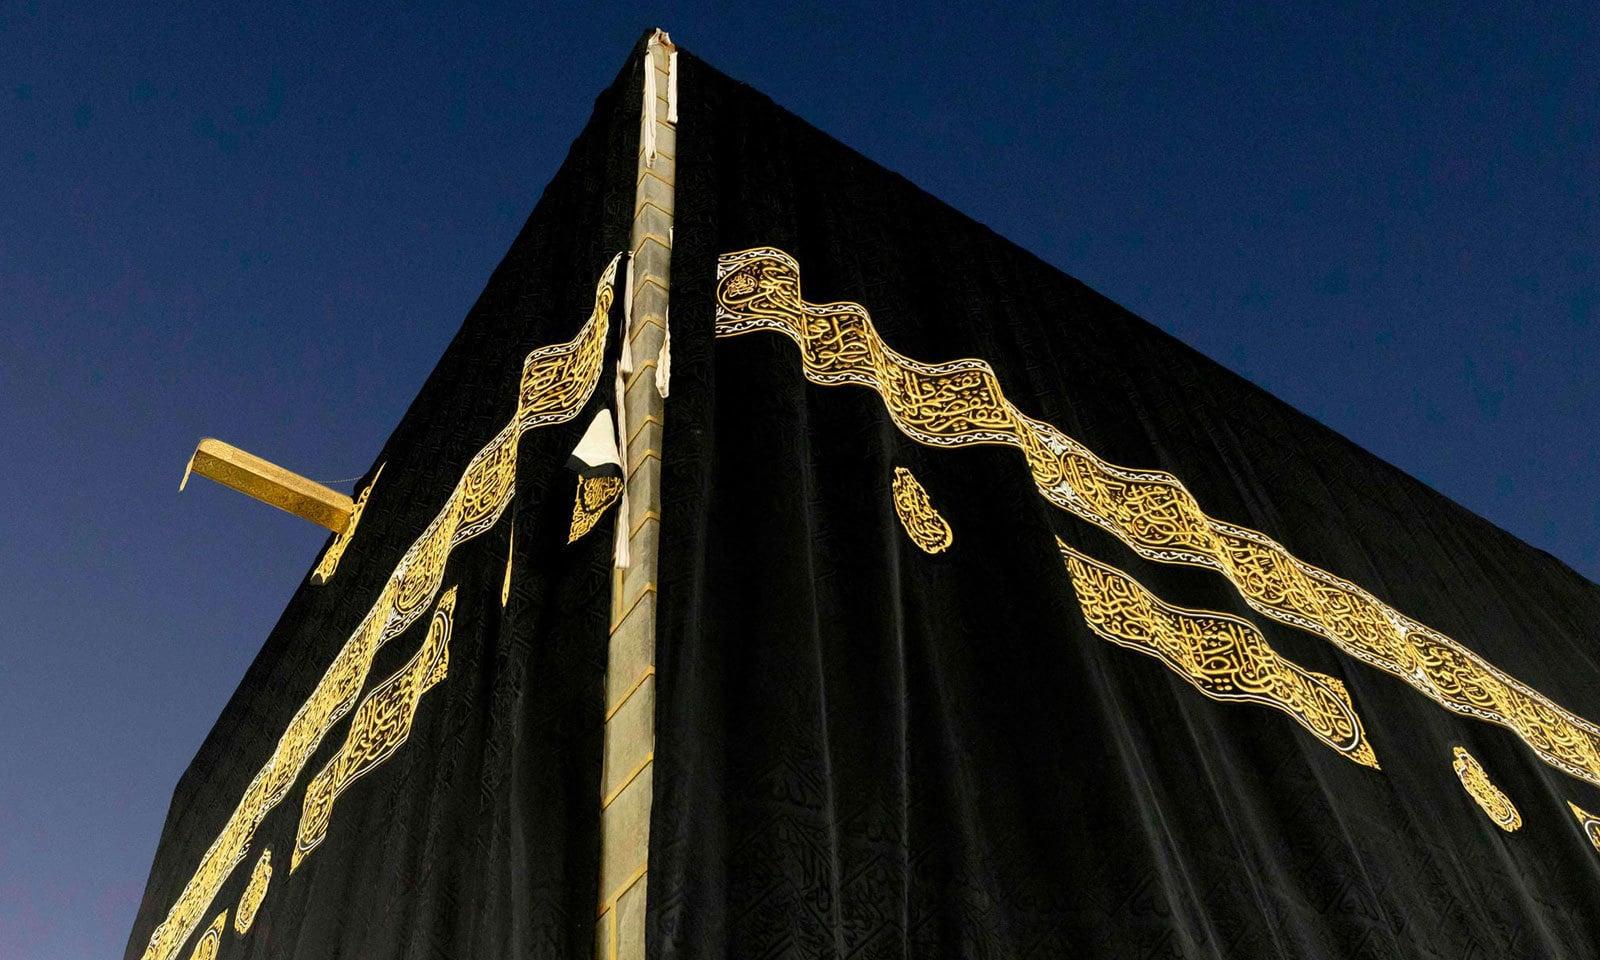 غلاف کعبہ کی تیاری میں 670 کلو گرام خام ریشم استعمال کیا جاتا ہے جس کا اندرونی حصہ سیاہ رنگ میں رنگا جاتا ہے— فوٹو: اےا یف پی